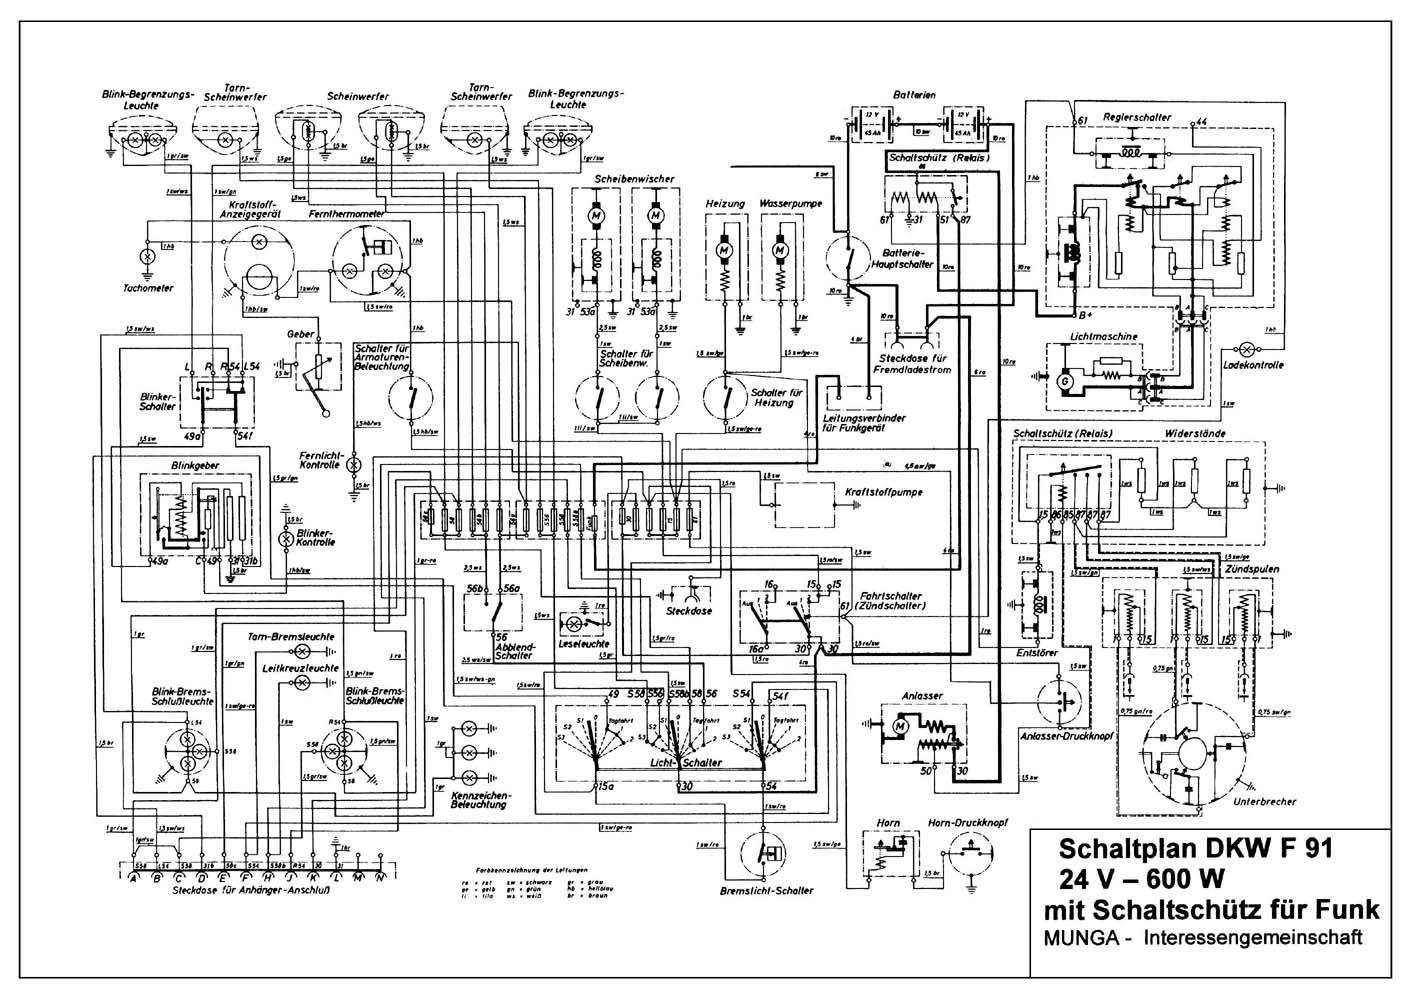 Wie Man Haupt Plan Macht - linearsystem.co - Home Design Ideen und ...